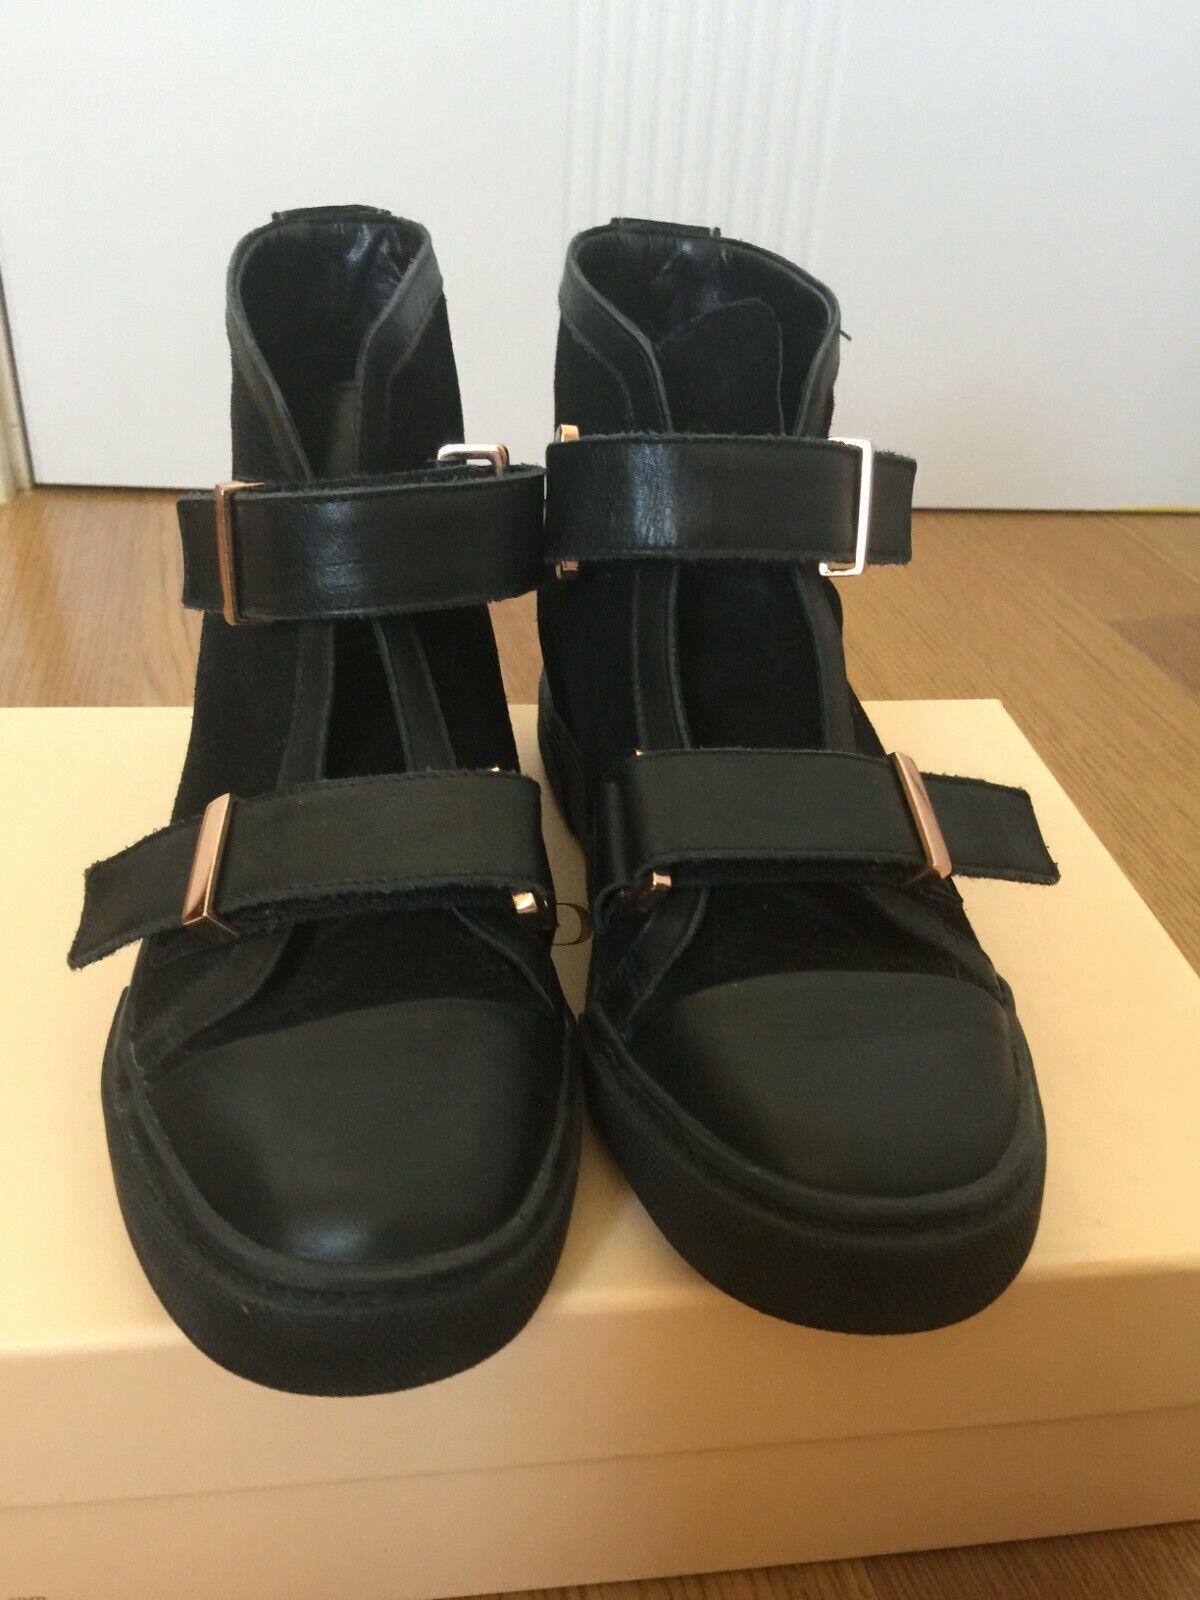 Dimensione delle scarpe da  ginnastica femminile 6  sport caldi